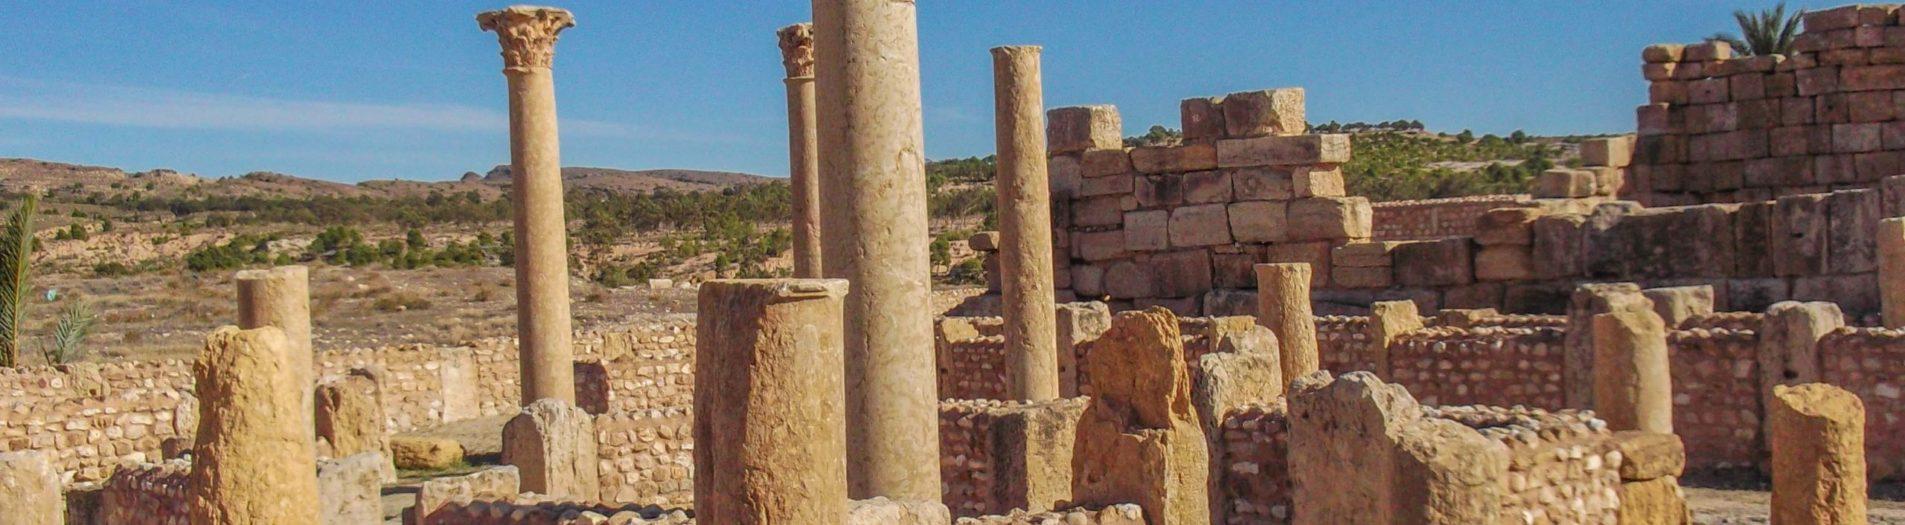 Les basiliques de Sbeitla